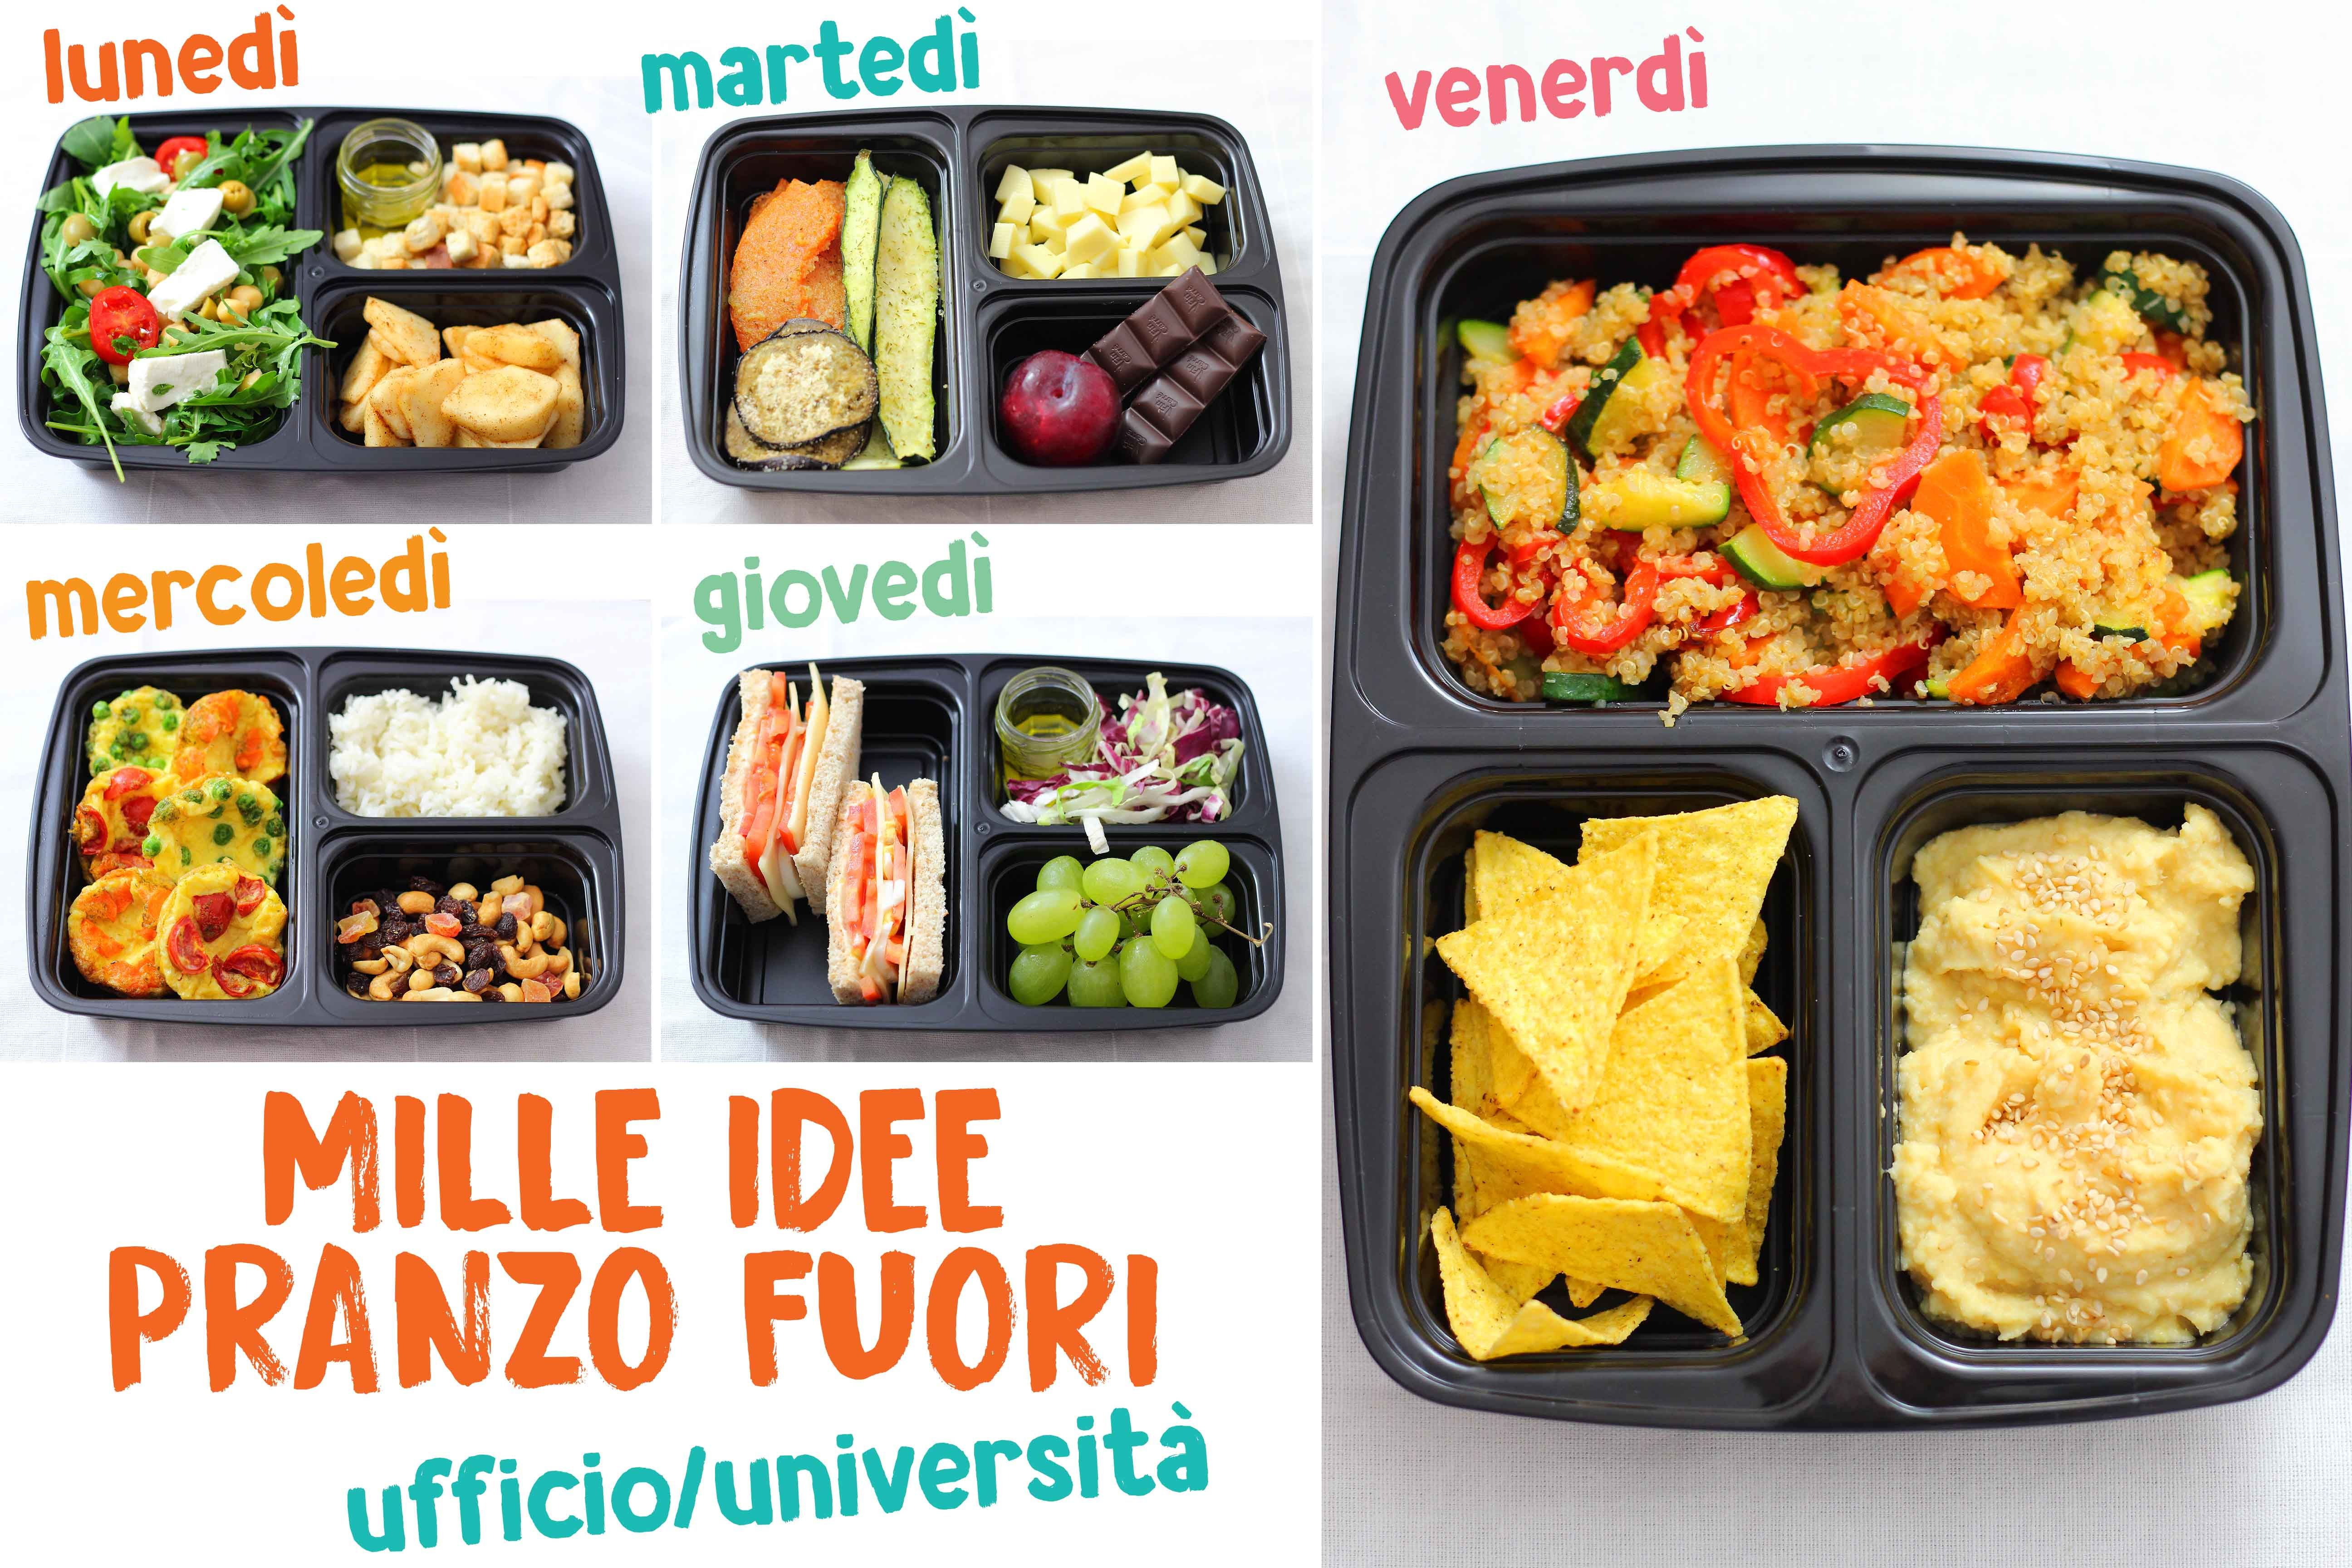 Idee Per Pranzi Sani : Mille idee pranzo fuori ufficio università recipe books